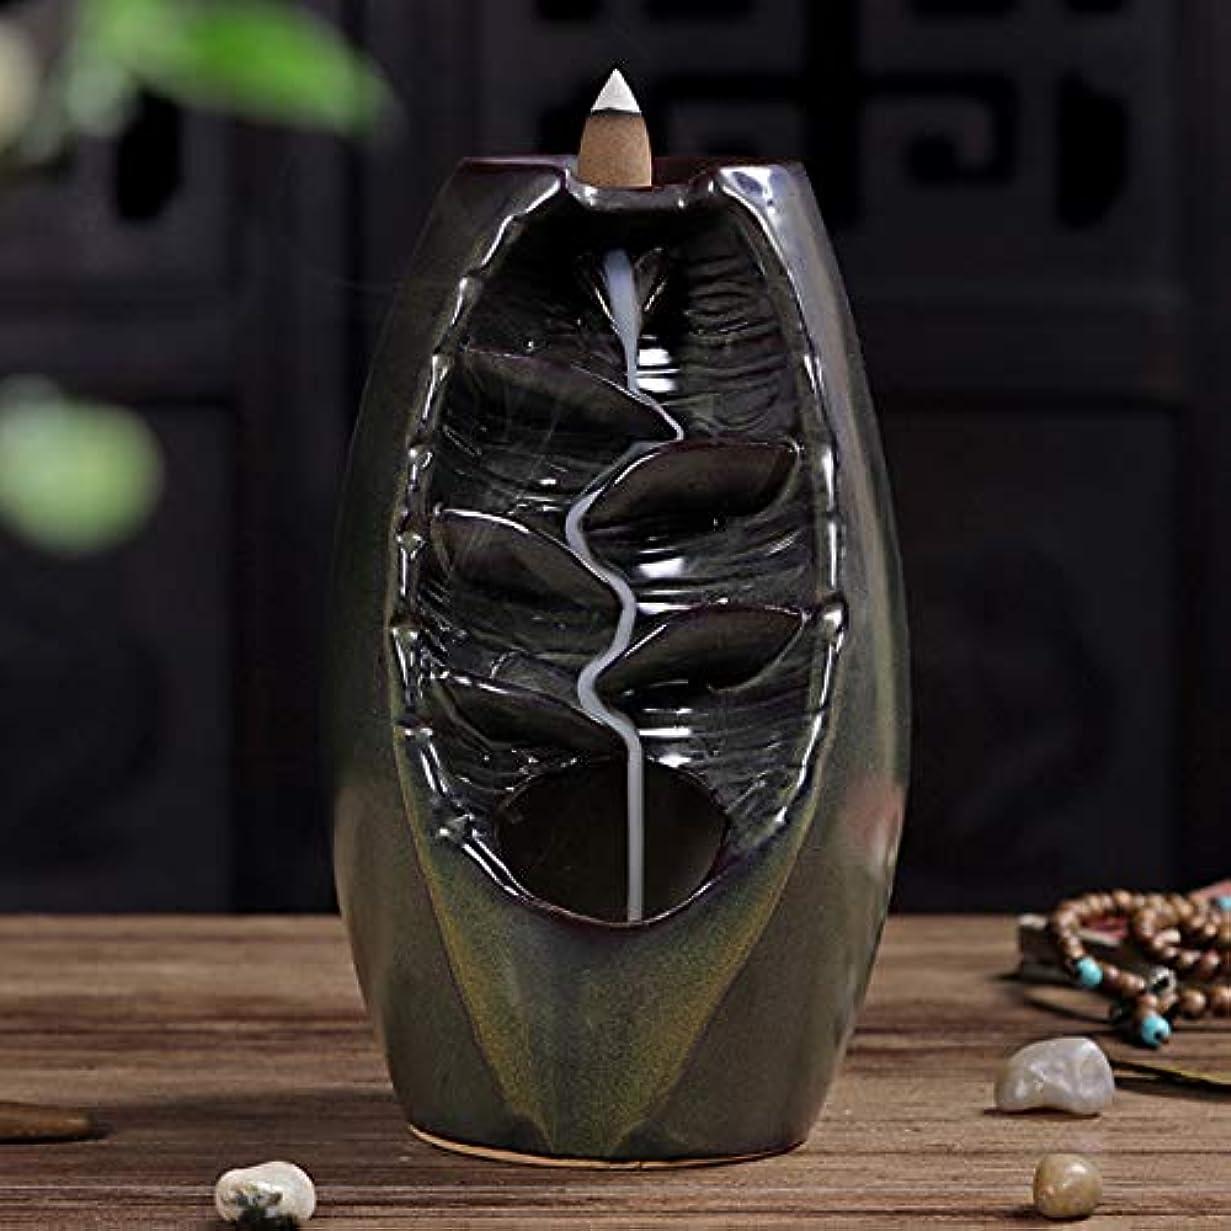 説教する媒染剤オピエートVosarea 逆流香バーナー滝香ホルダーアロマ飾り仏教用品(茶)